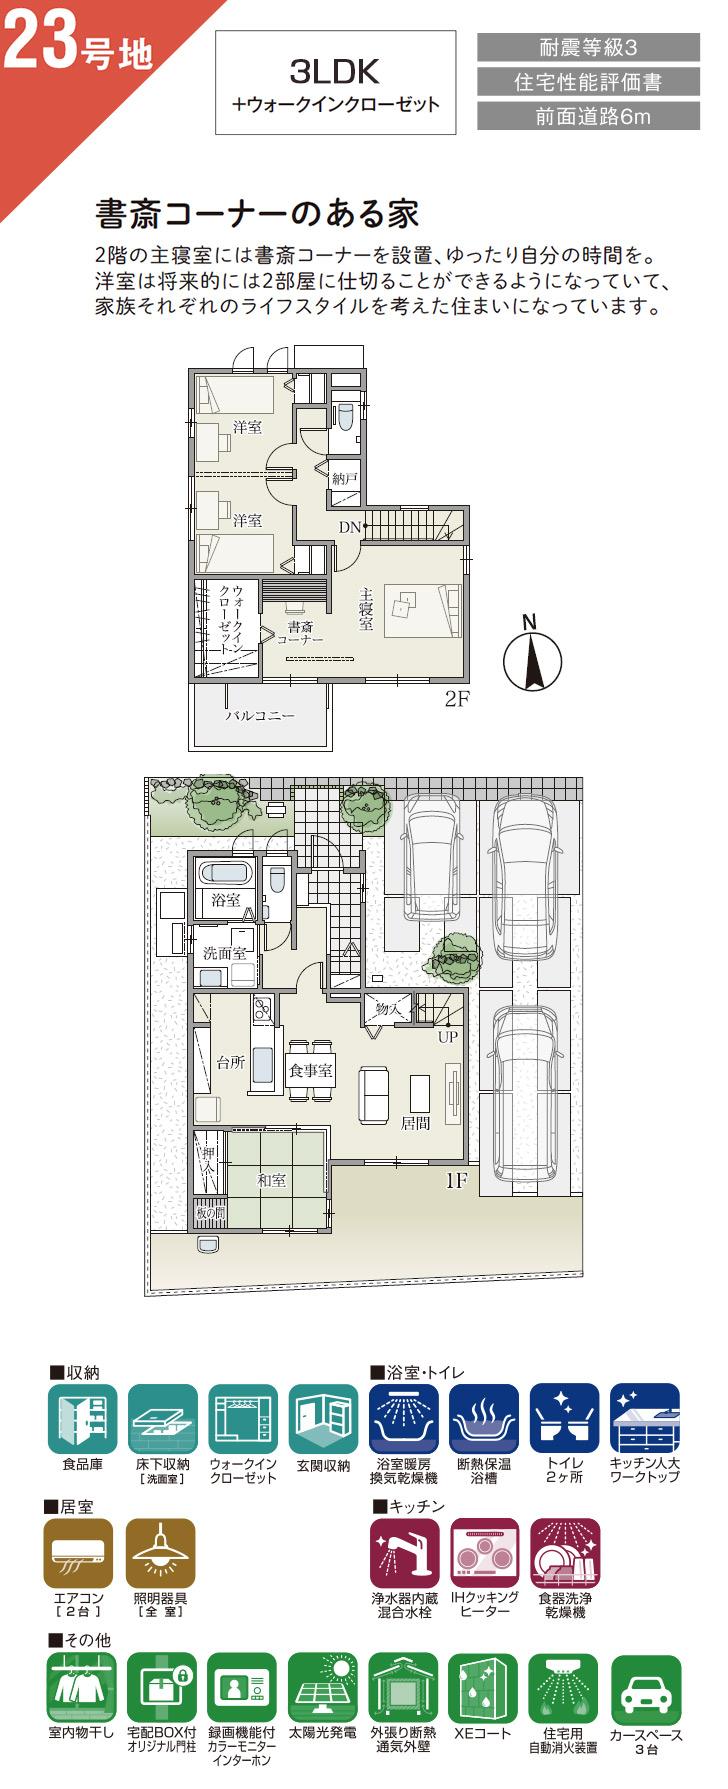 【ダイワハウス】セキュレア森 (分譲住宅)の画像